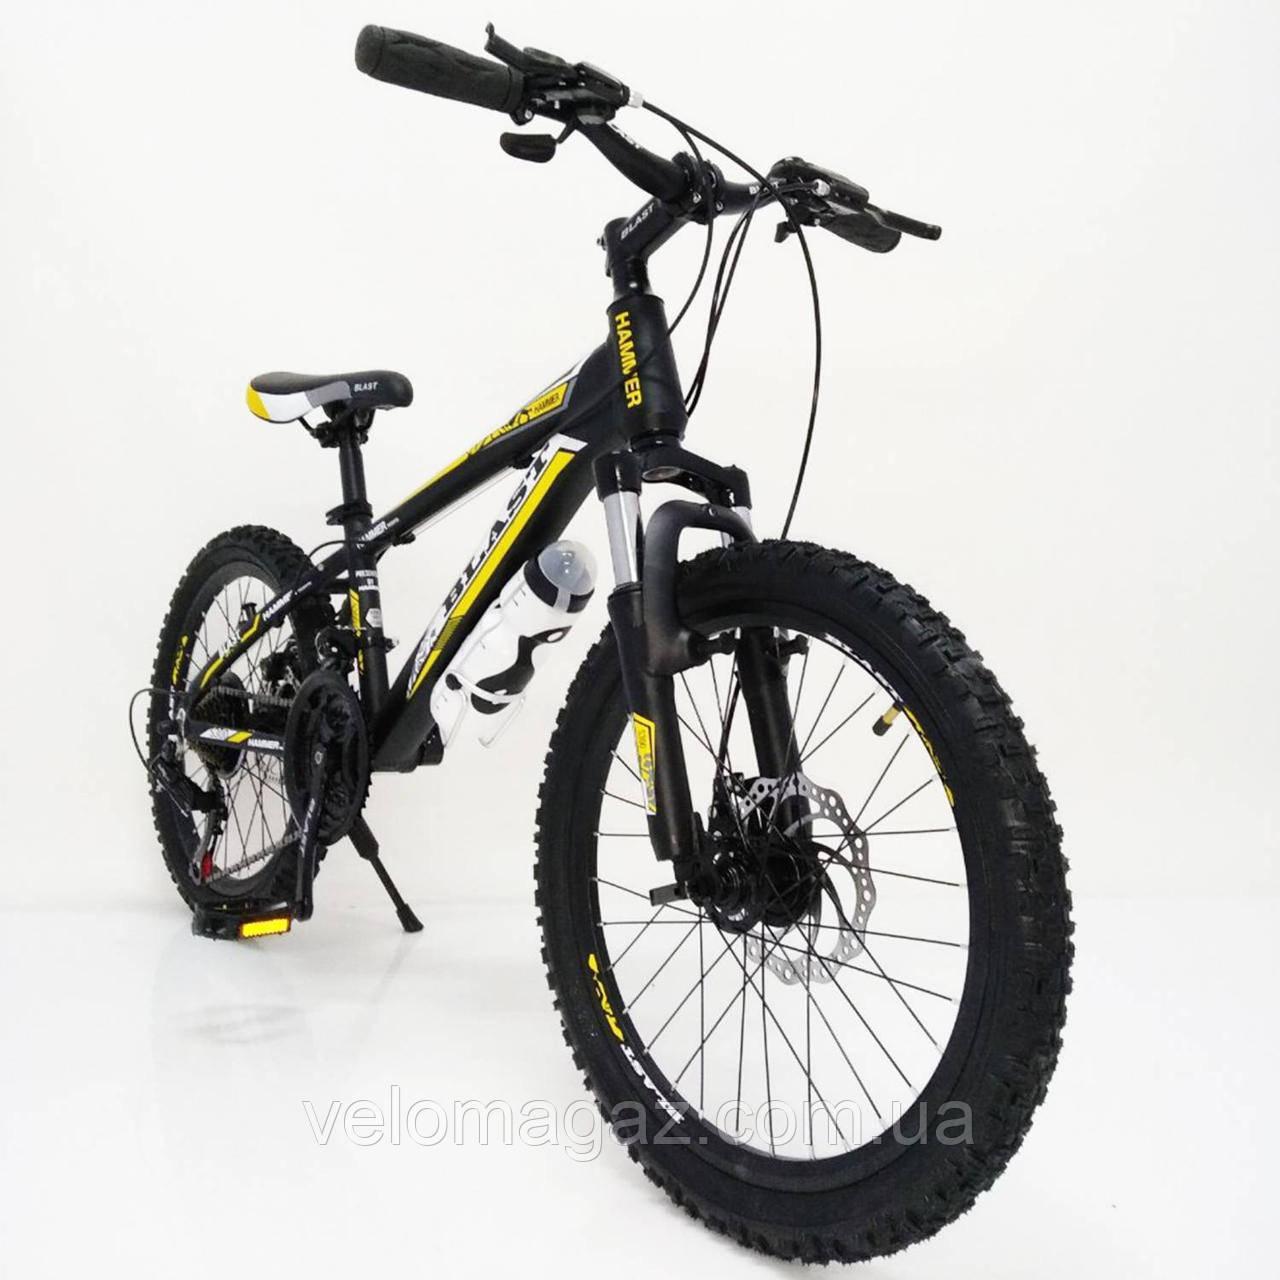 """Стильный спортивный алюминиевый велосипед S300 BLAST-NEW 20"""", рама 11"""", черно-желтый"""